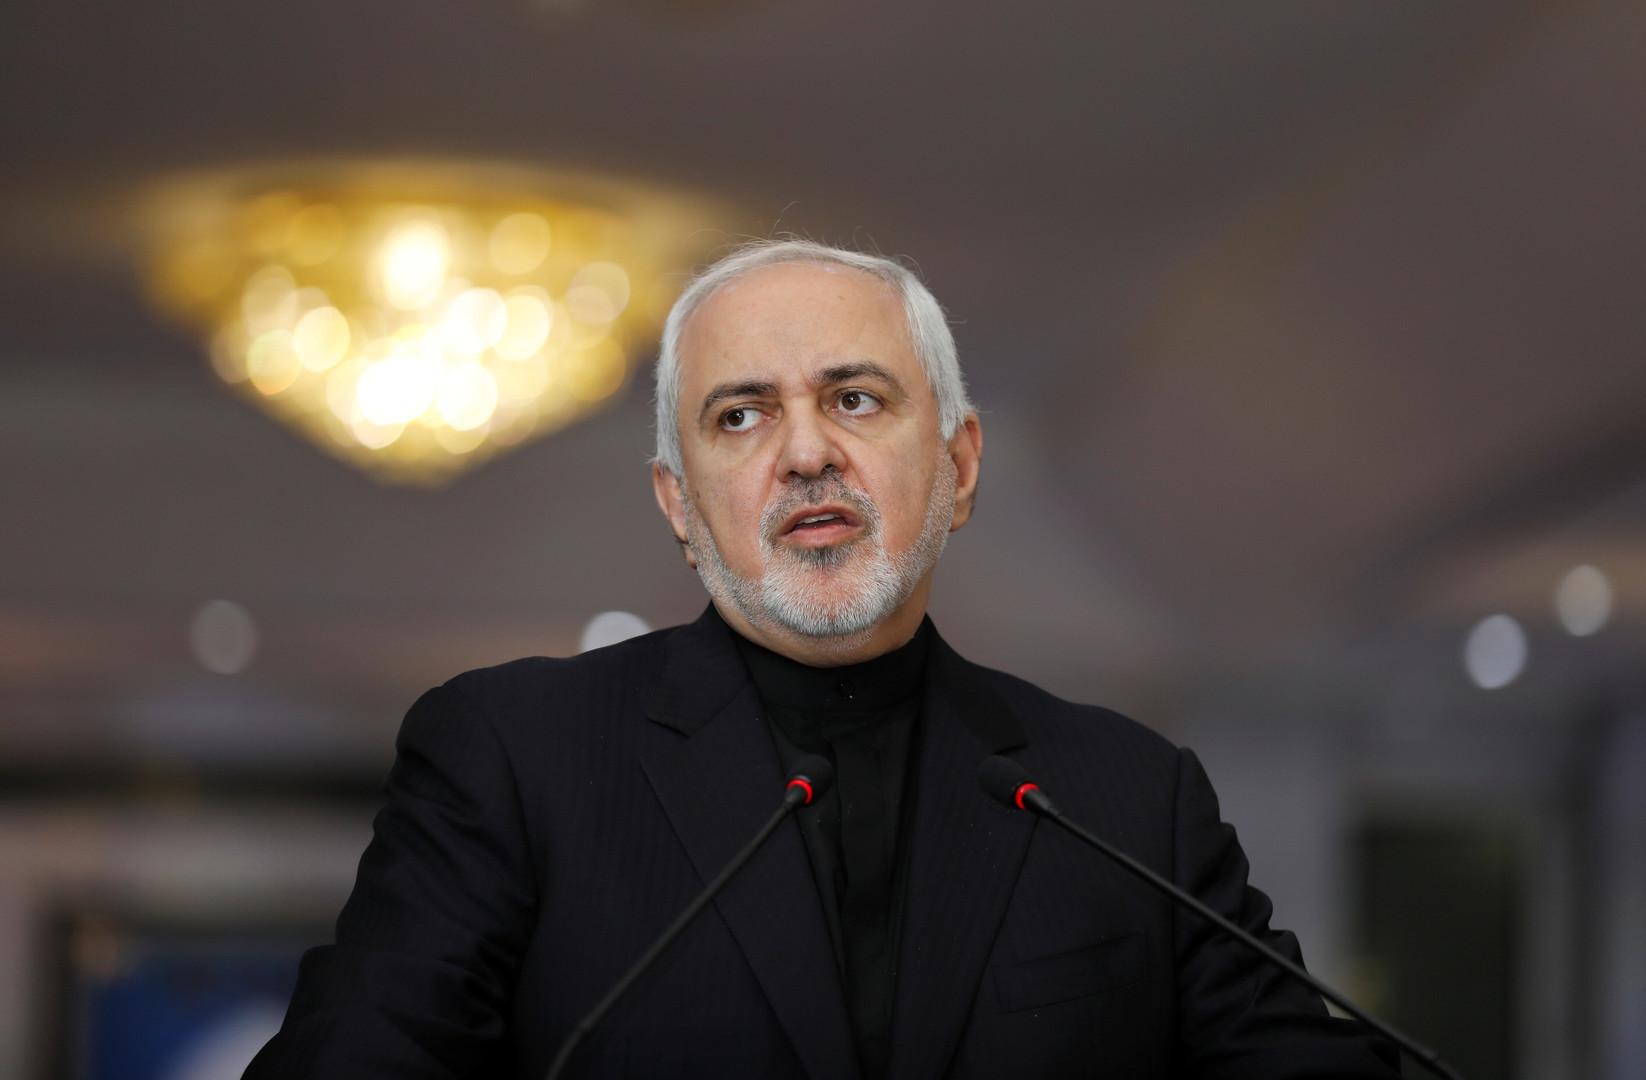 ظريف يحذر واشنطن من خطوة إيرانية